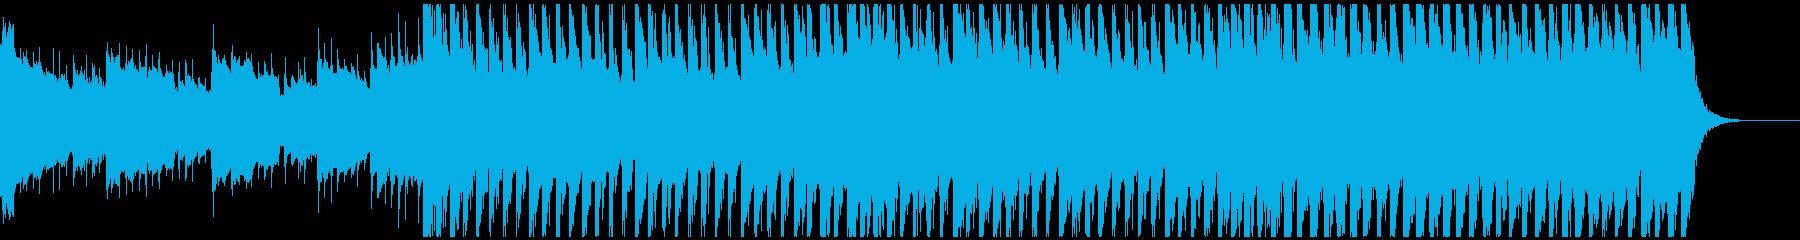 使いやすい60秒版 徐々に立ち上がる曲の再生済みの波形